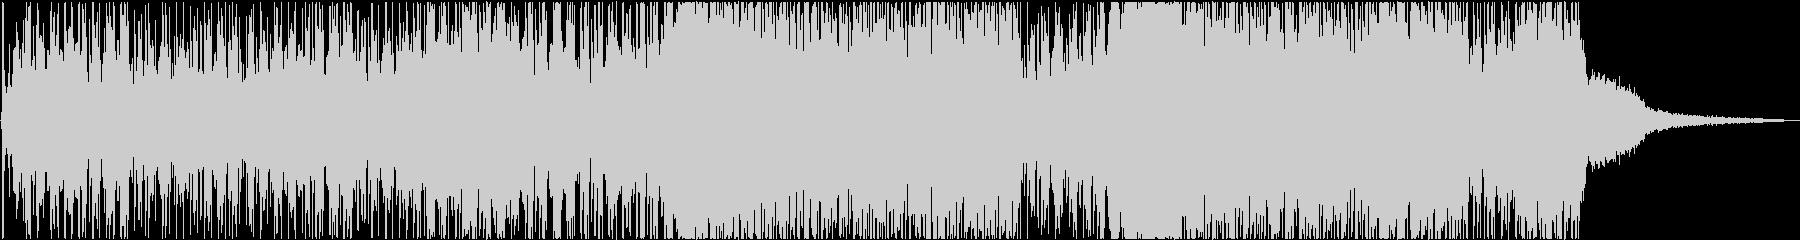 60 秒尺 オシャレなEDMのOPテーマの未再生の波形